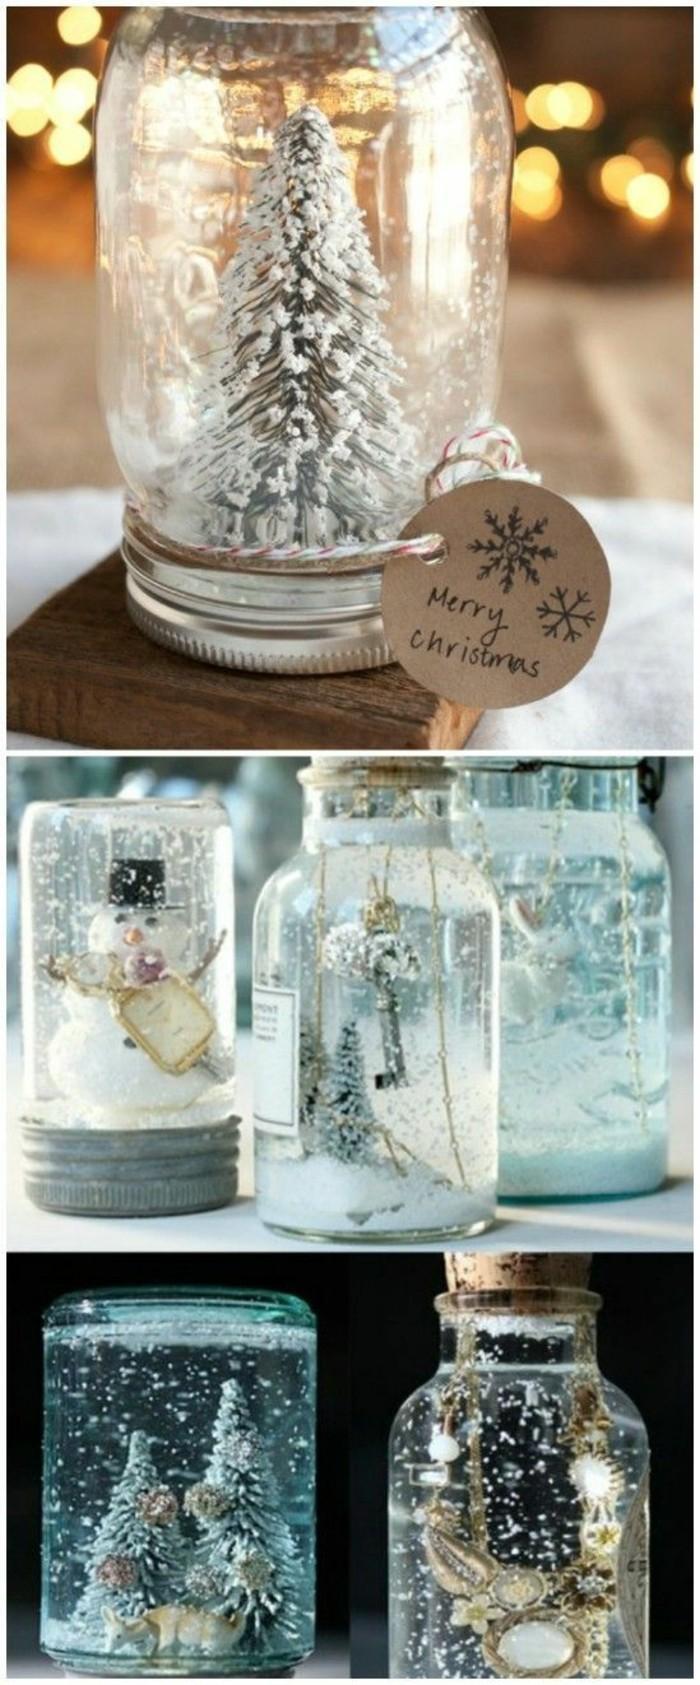 weihnachtendekoration-selber-machen-weihnachtsdeko-ideen-weihnachtsglaser-basteln